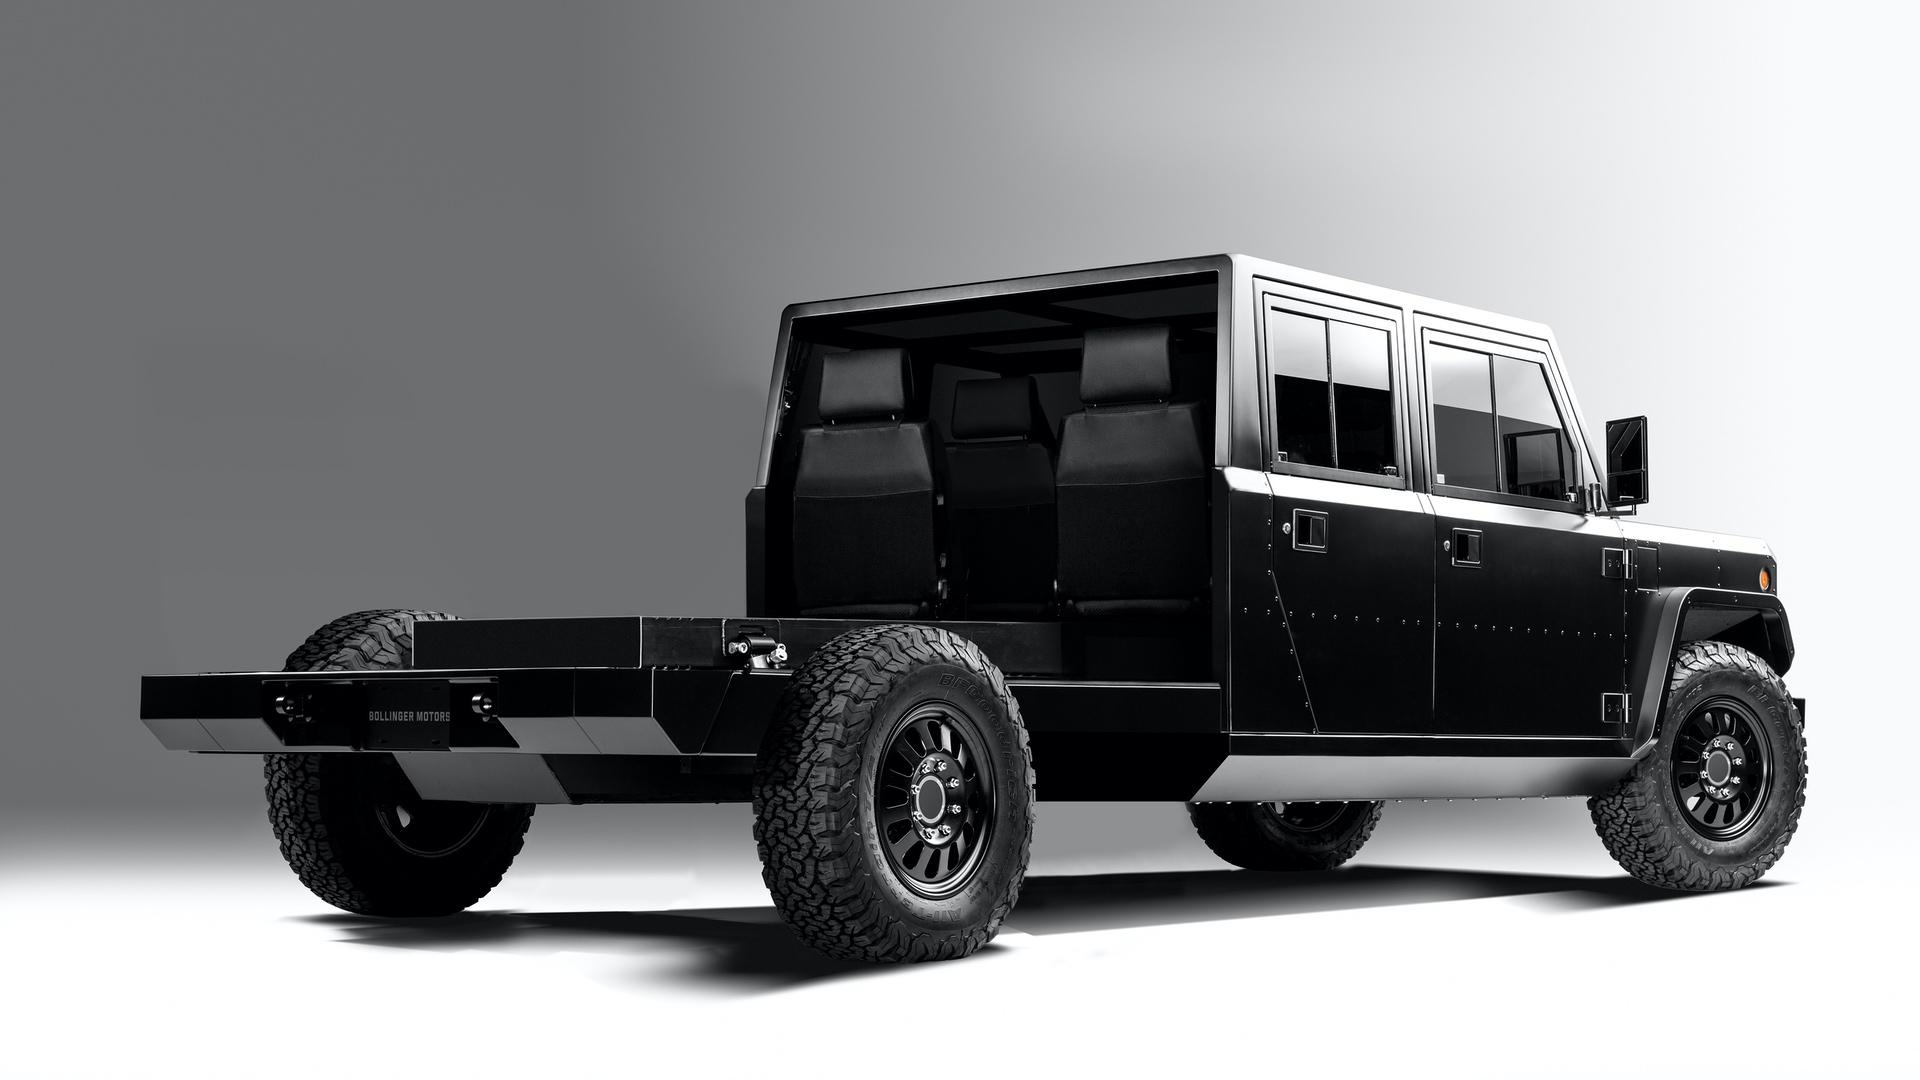 Bollinger-Motors-B2-Chassis-Cab-4-Door-Open-3_4-rear